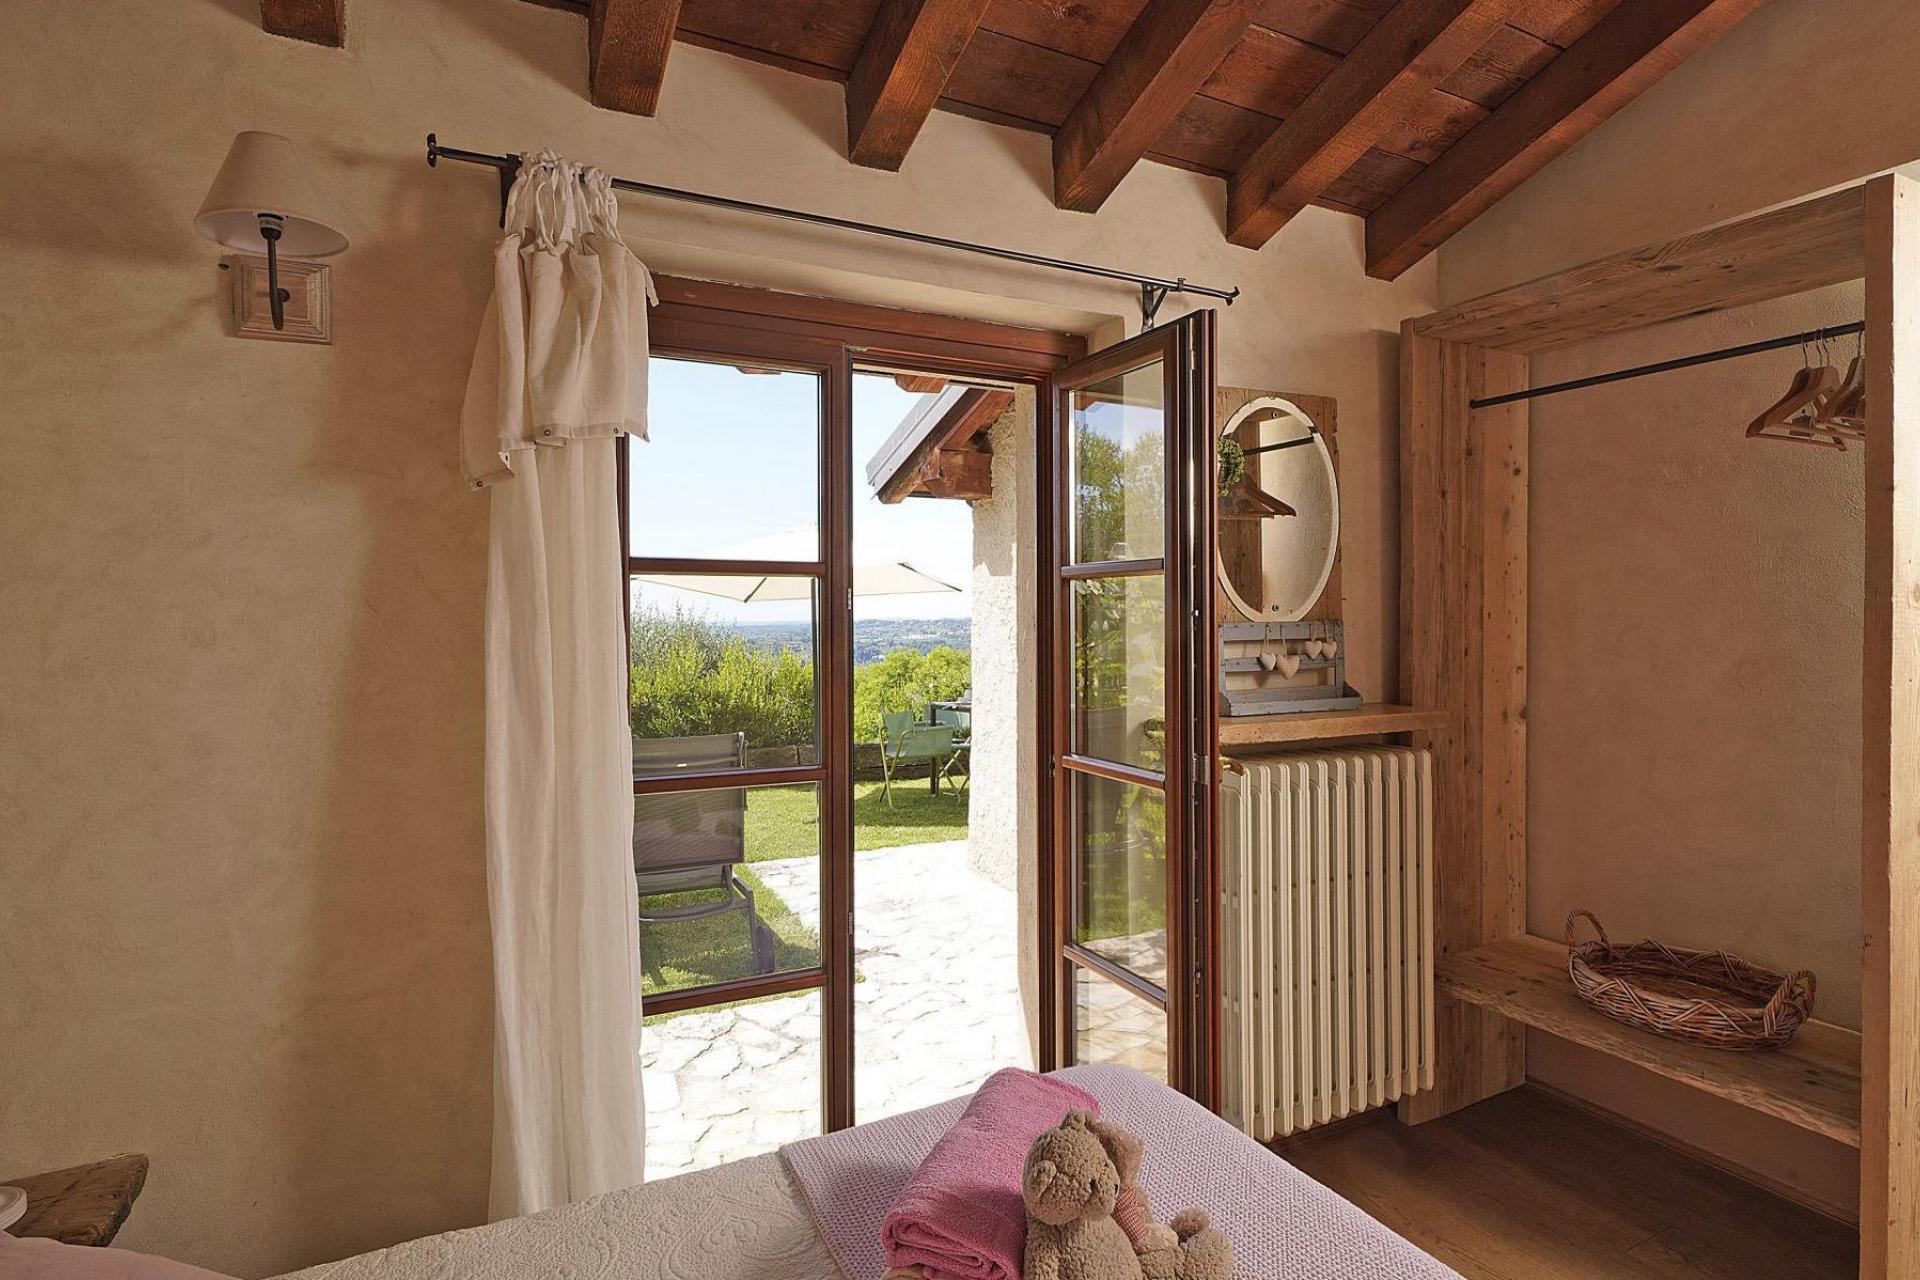 Agriturismo Lago di Como e lago di Garda Agriturismo con vista sul lago di Garda e interni eleganti